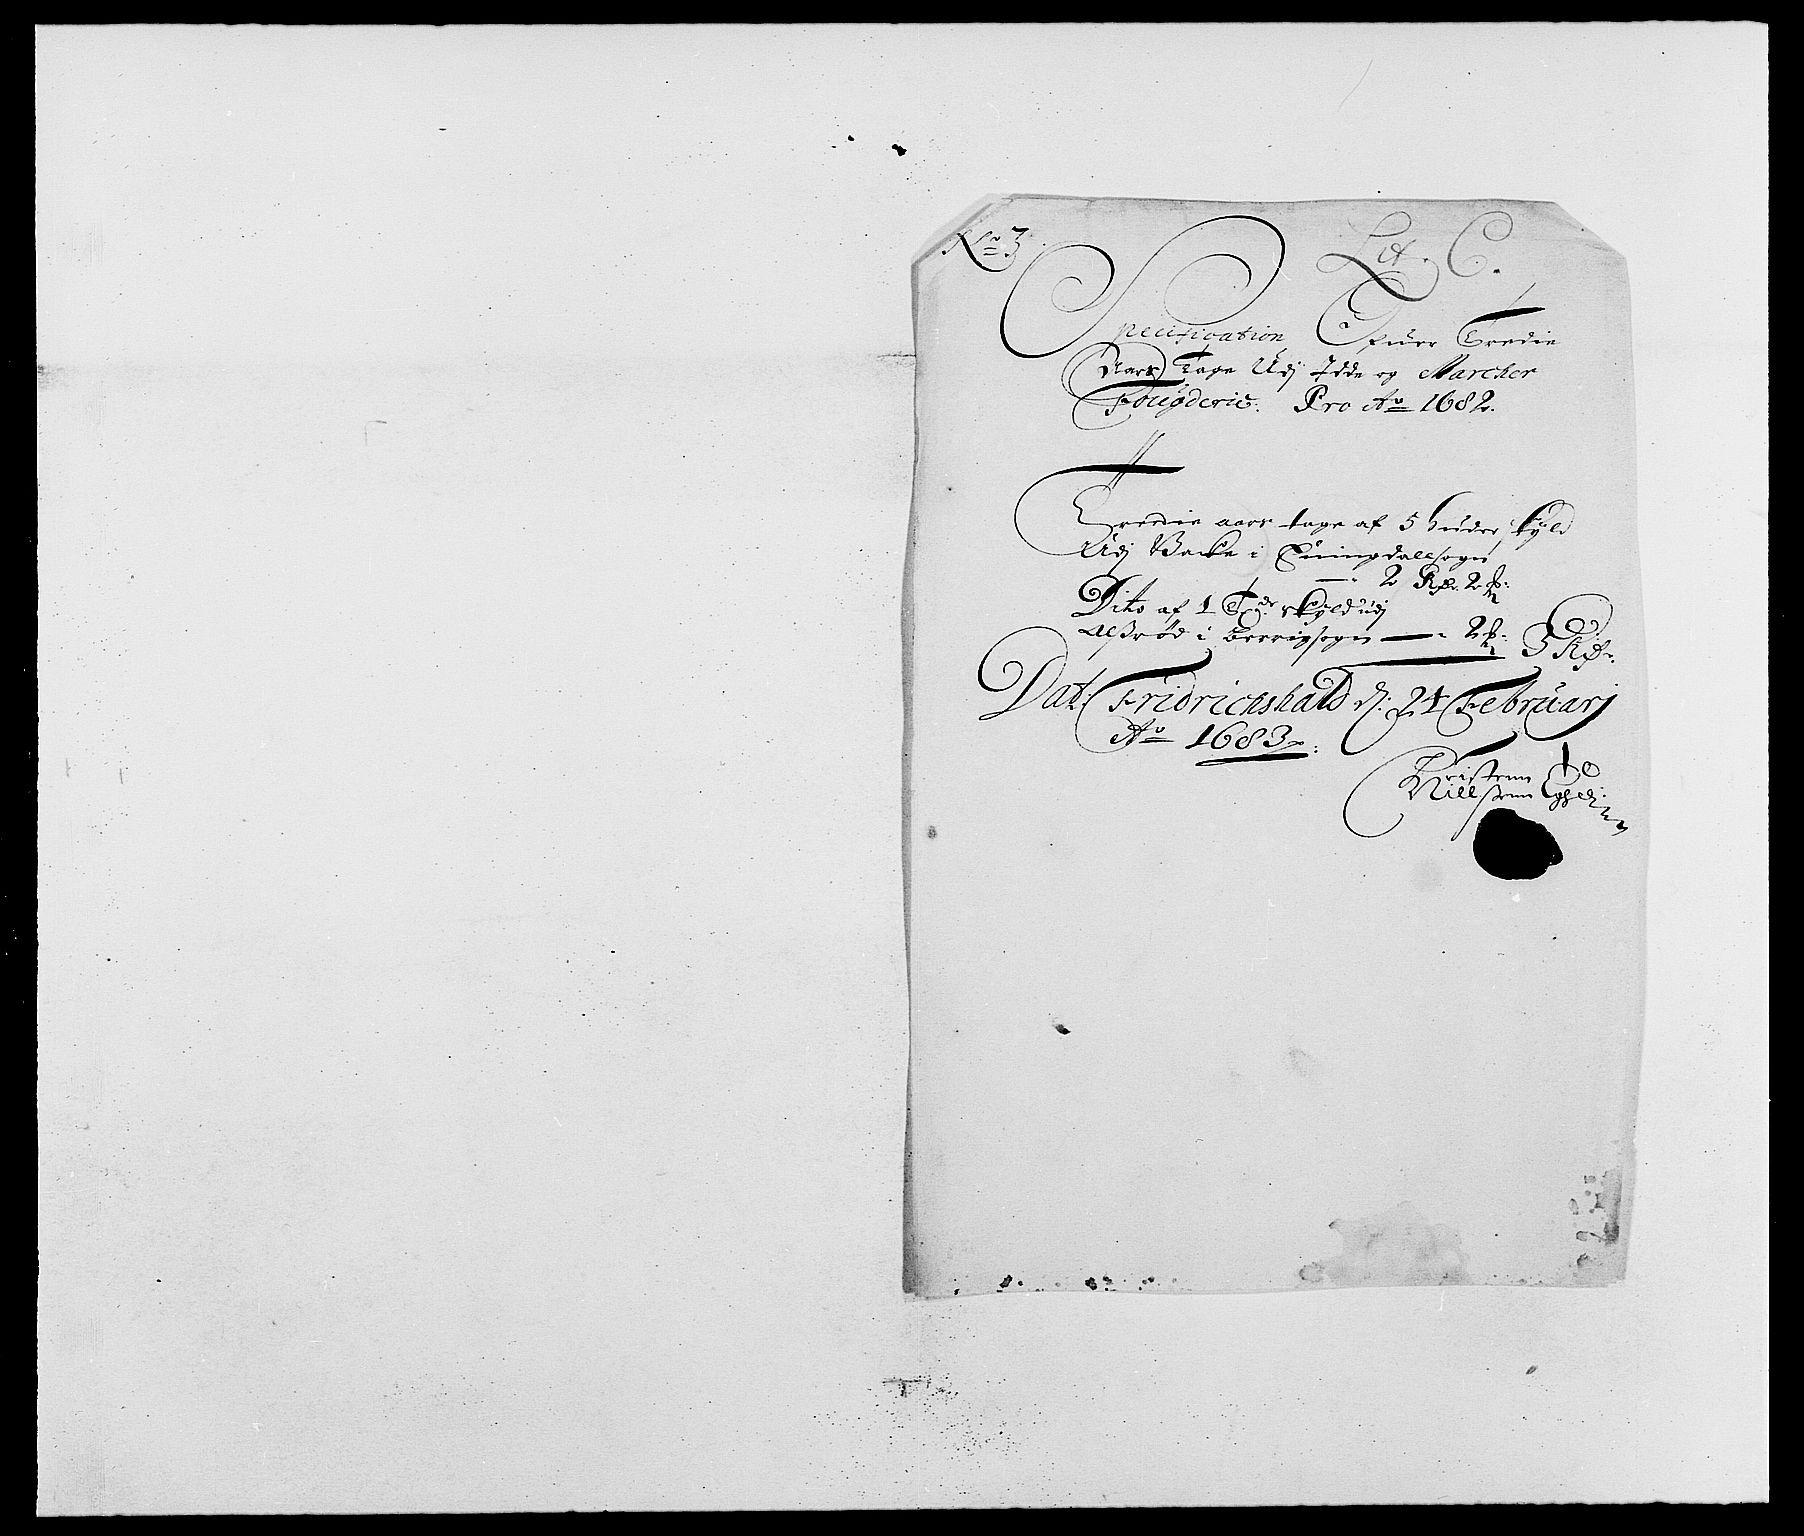 RA, Rentekammeret inntil 1814, Reviderte regnskaper, Fogderegnskap, R01/L0004: Fogderegnskap Idd og Marker , 1682-1683, s. 55